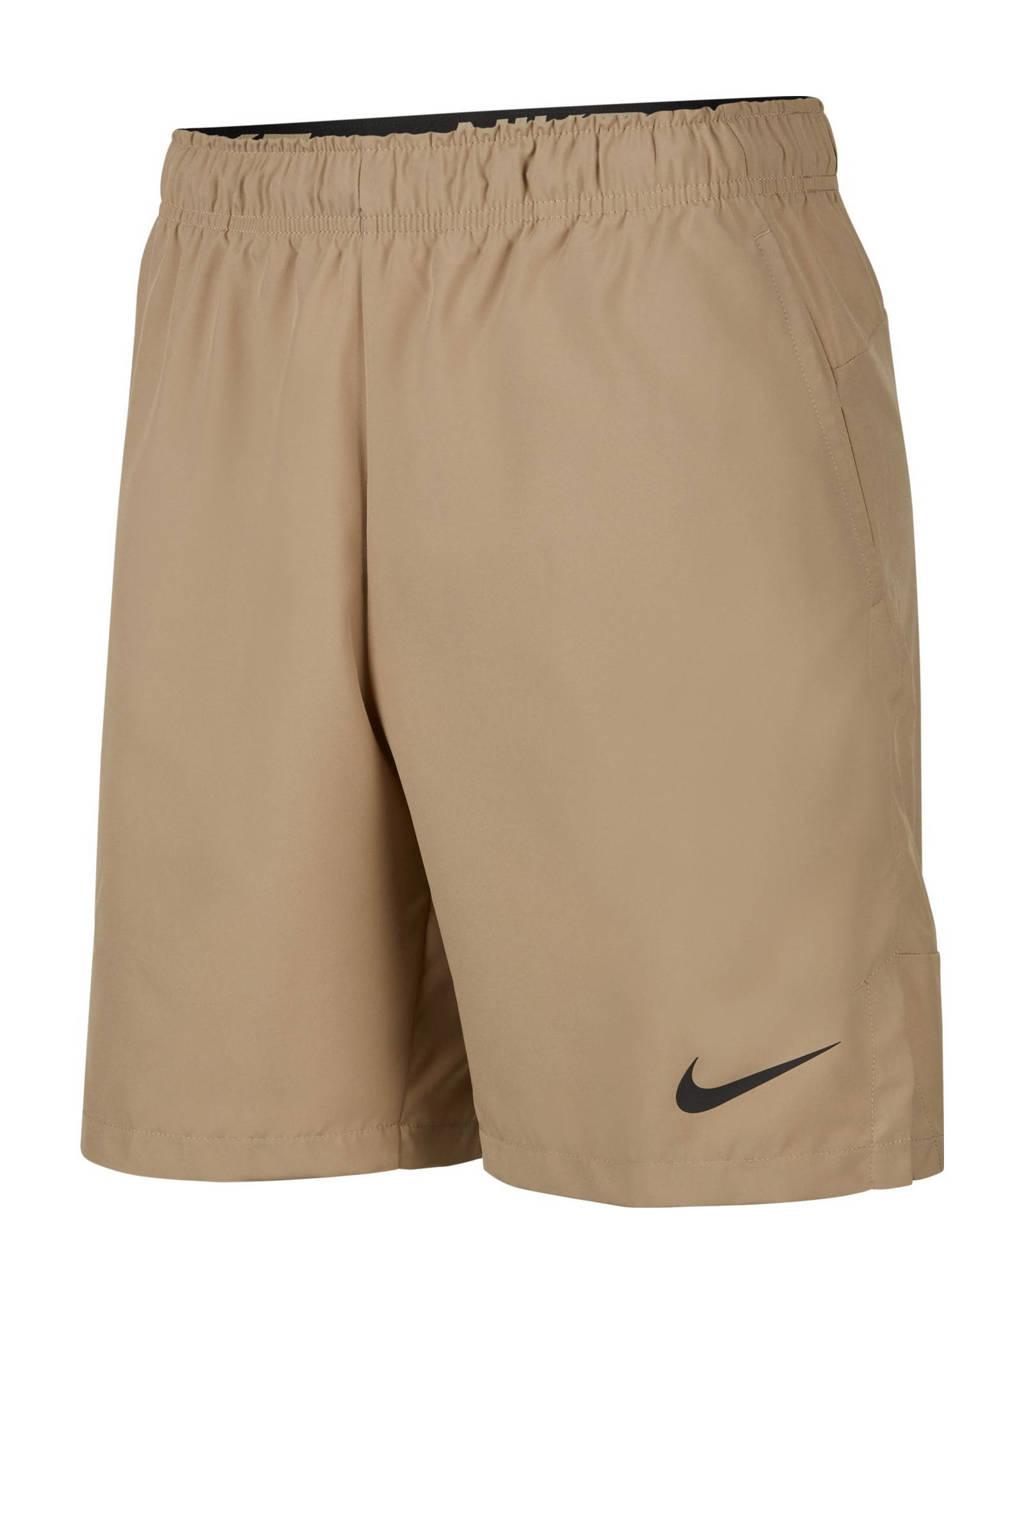 Nike   sportshort khaki, Khaki